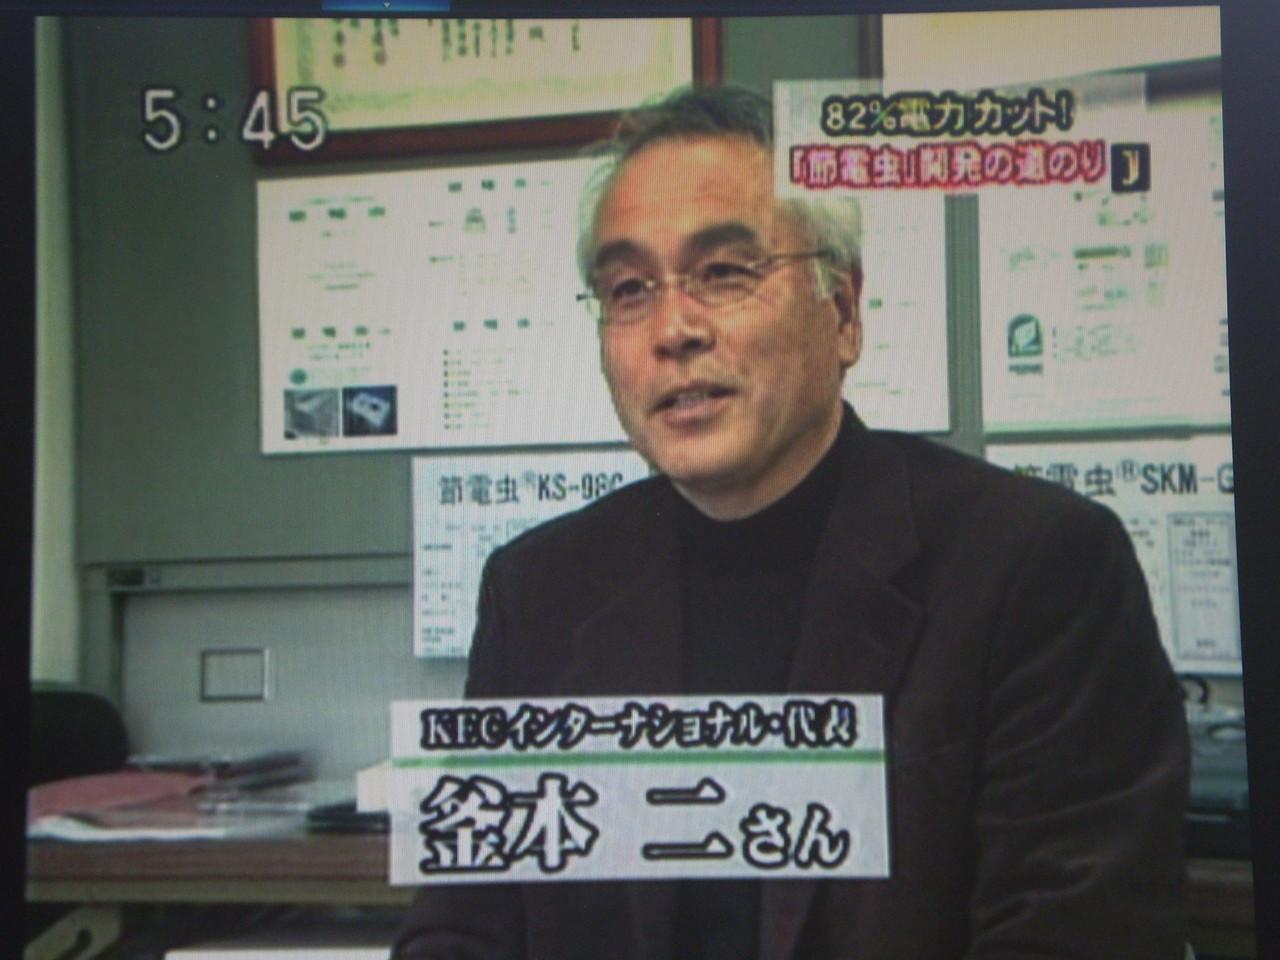 2006.11.20 広島ホームテレビ Jステーション